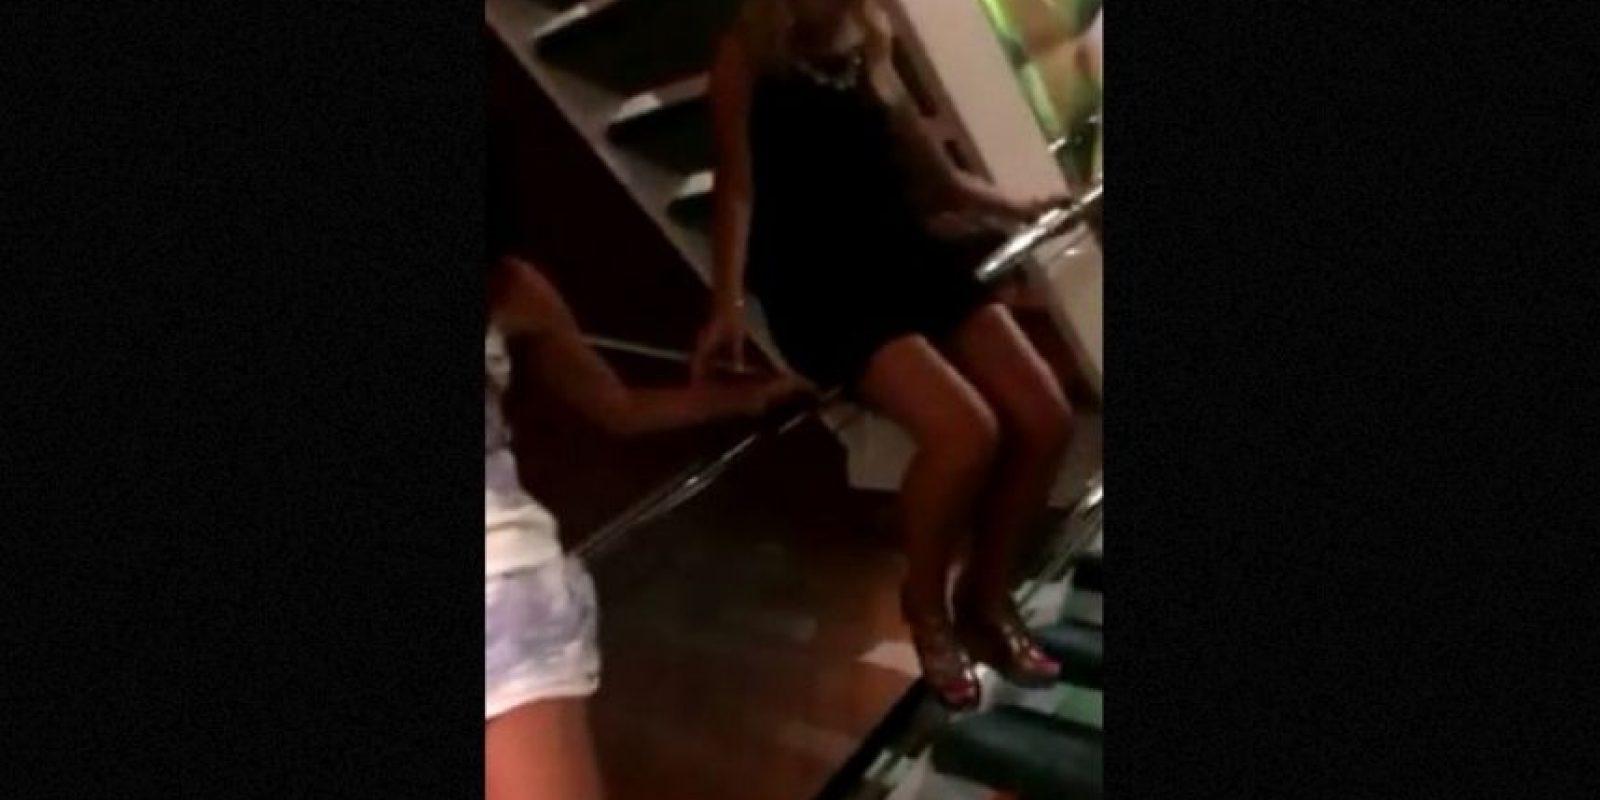 5. Mujer cae dramáticamente por las escaleras y el video se hace viral Foto:Facebook.com